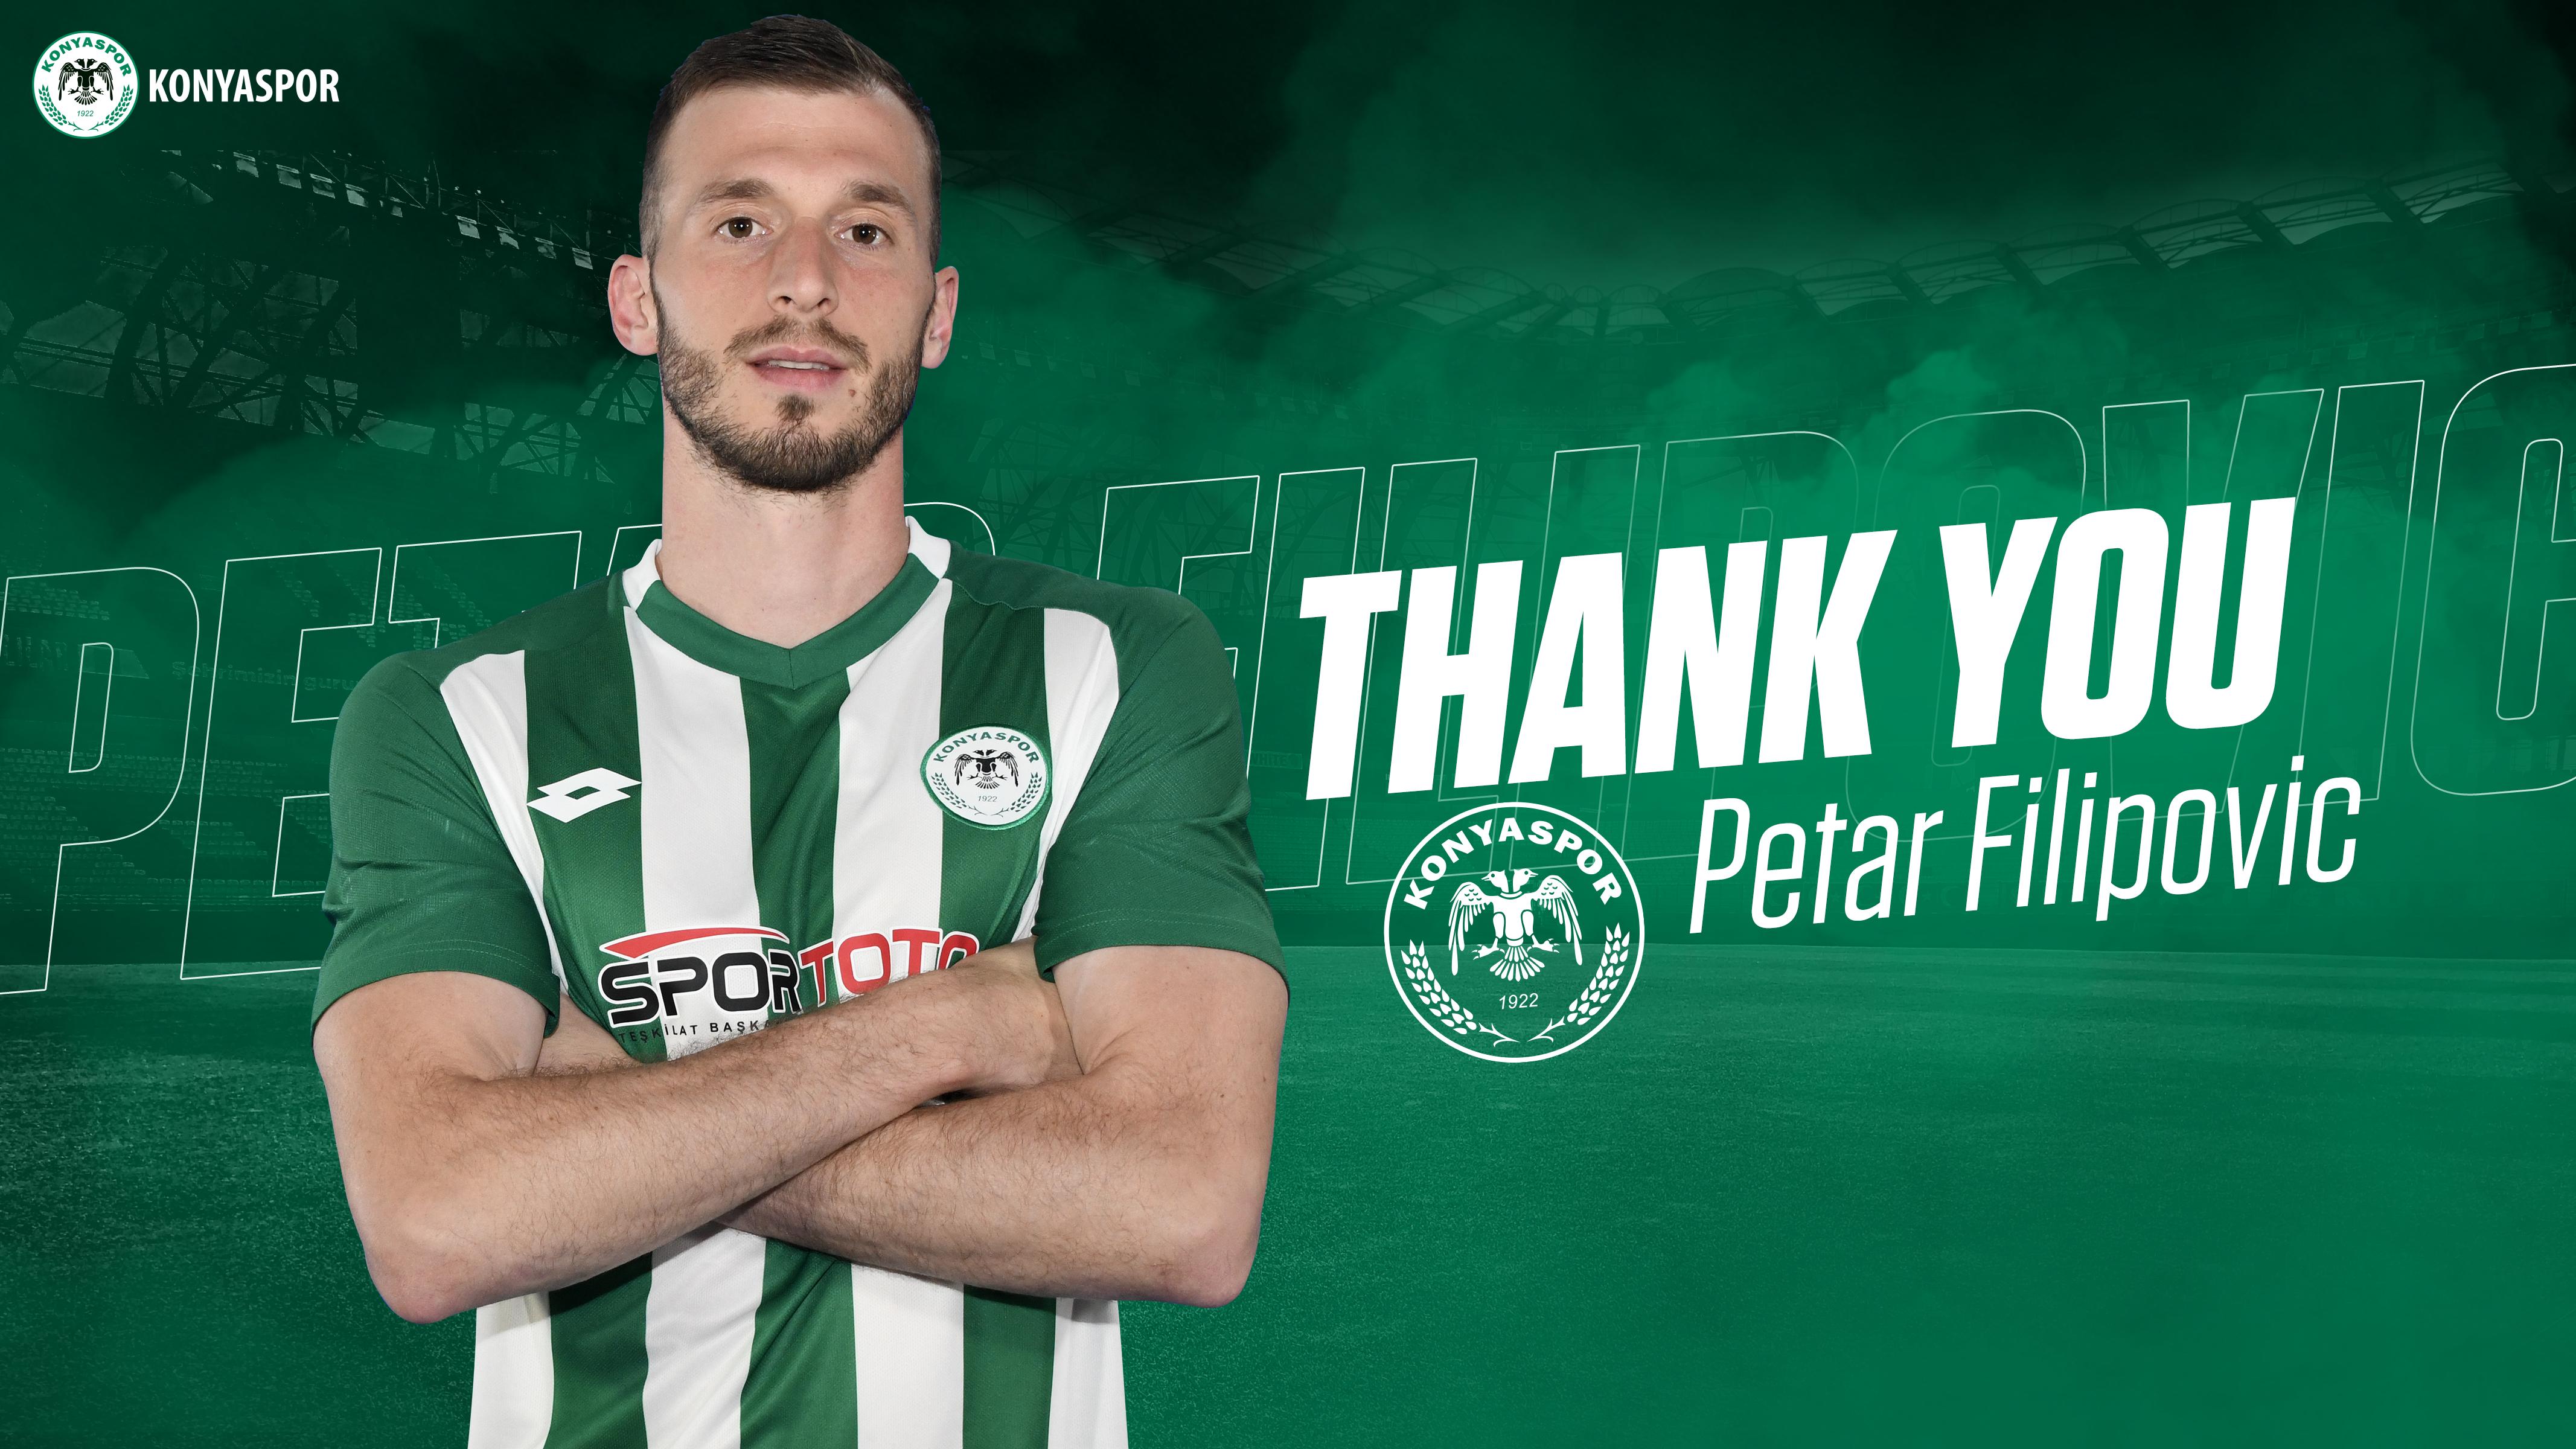 Teşekkürler Petar Filipovic